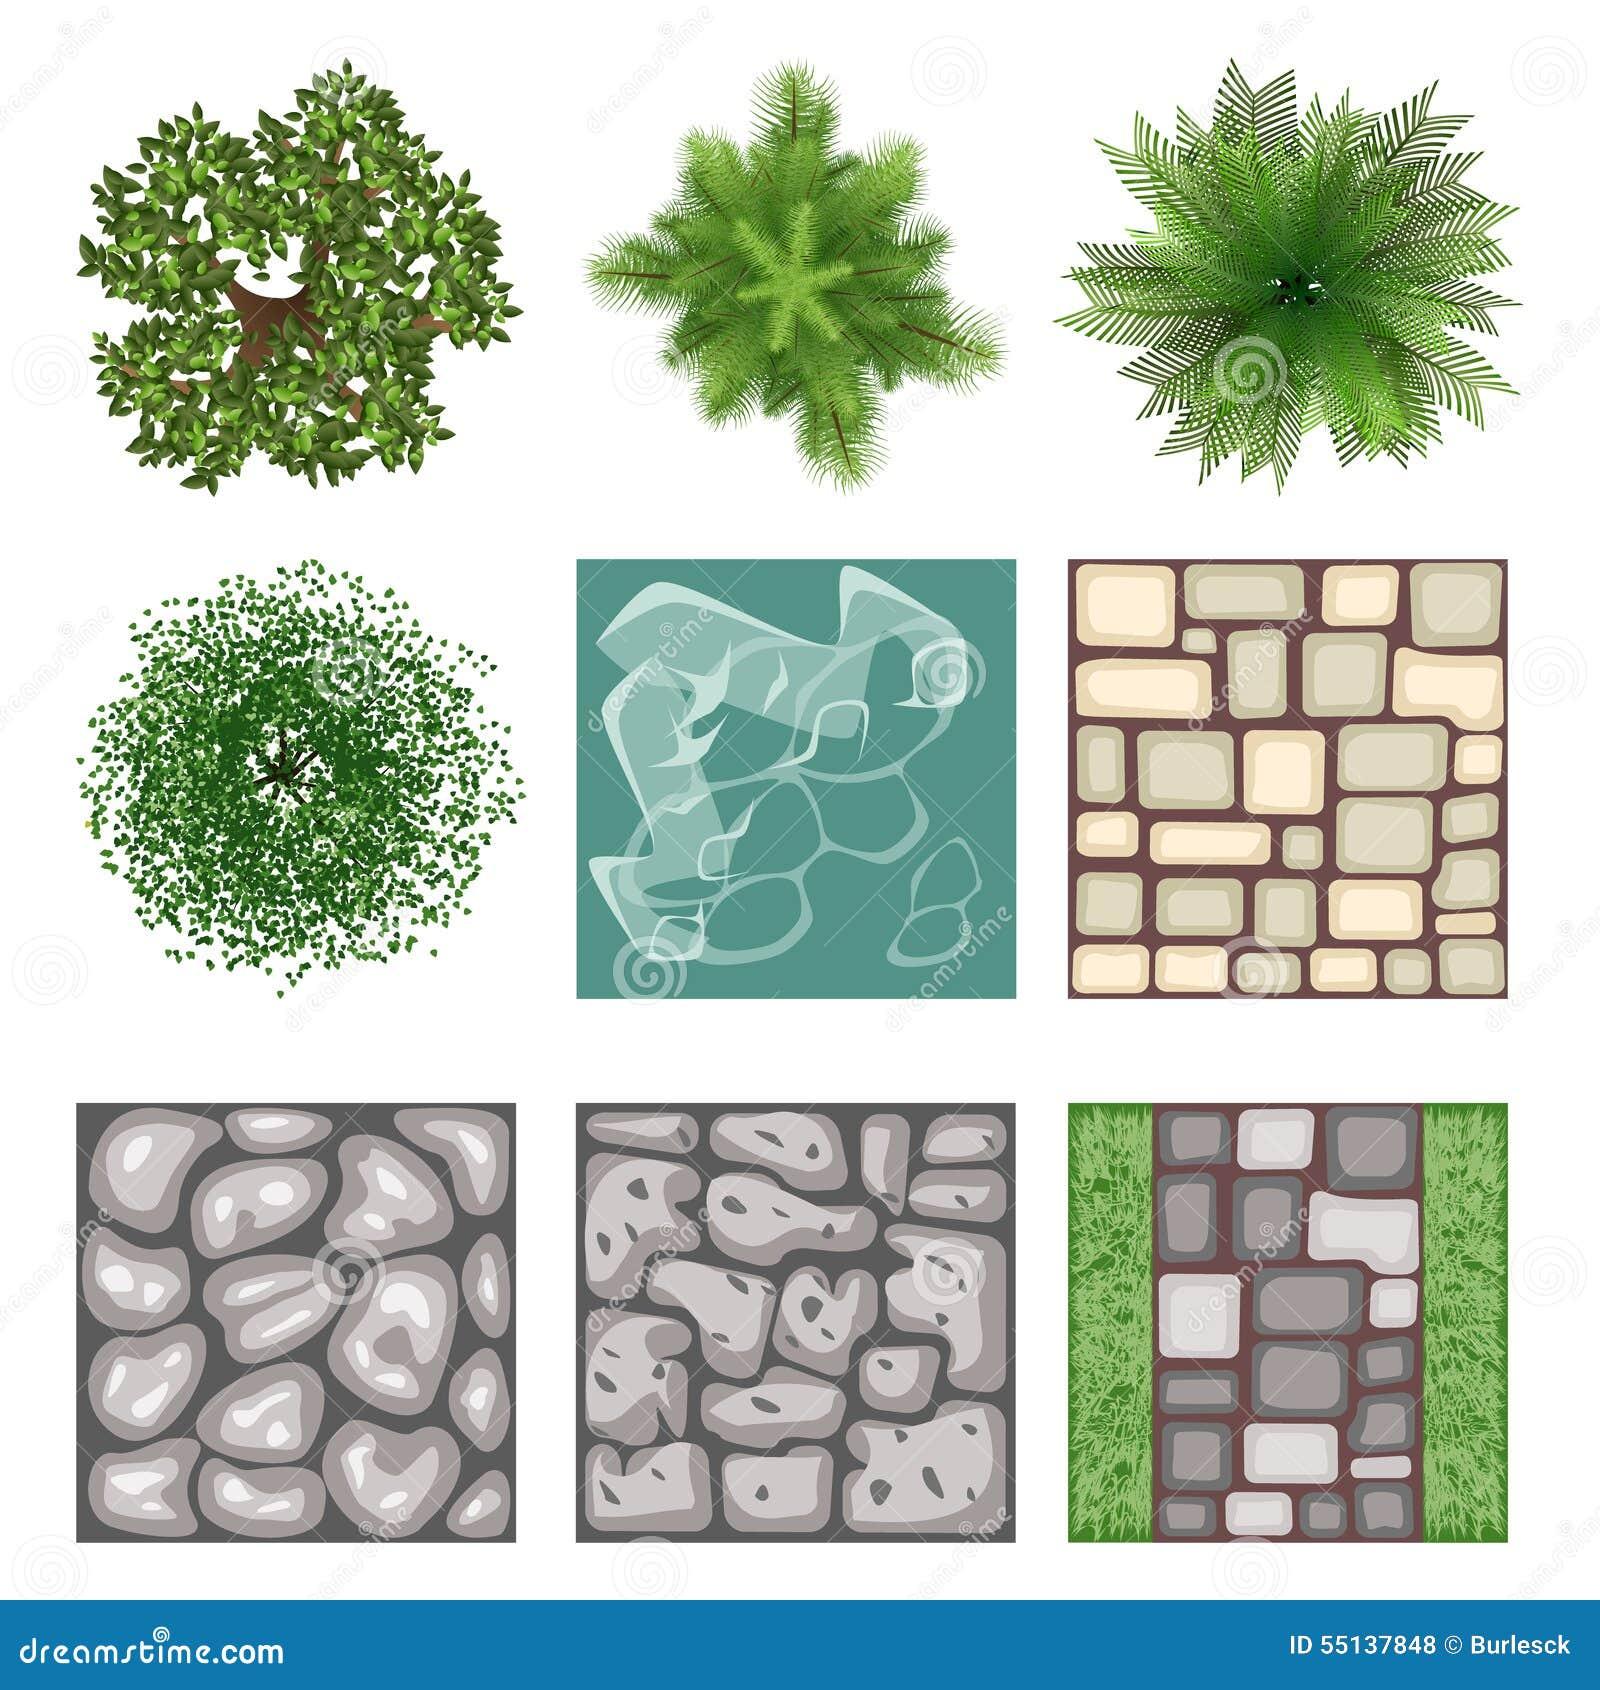 elements garden design